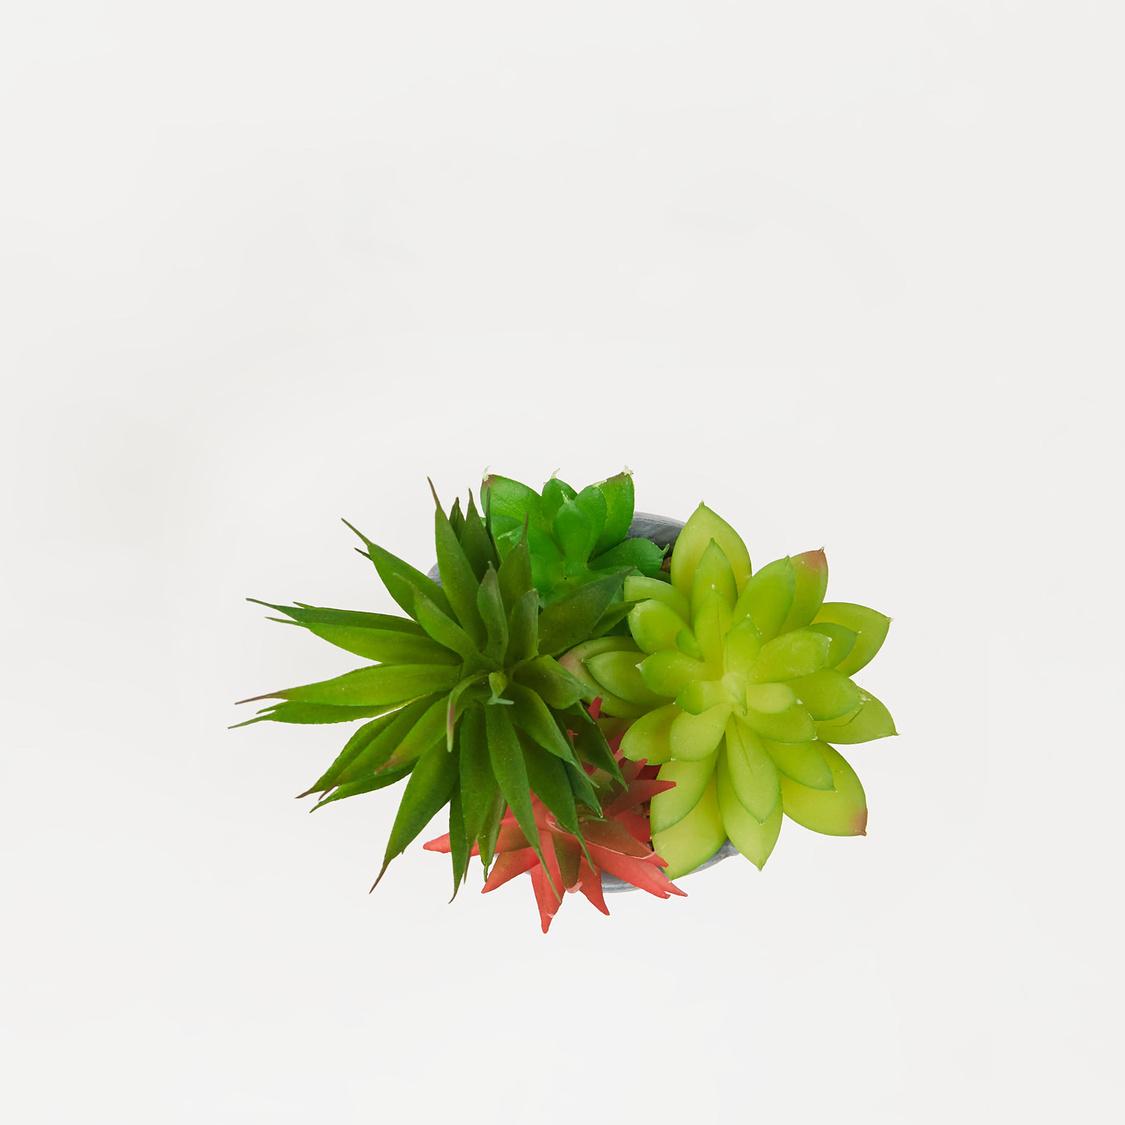 نبتة عصاري اصطناعية مع وعاء بارز الملمس